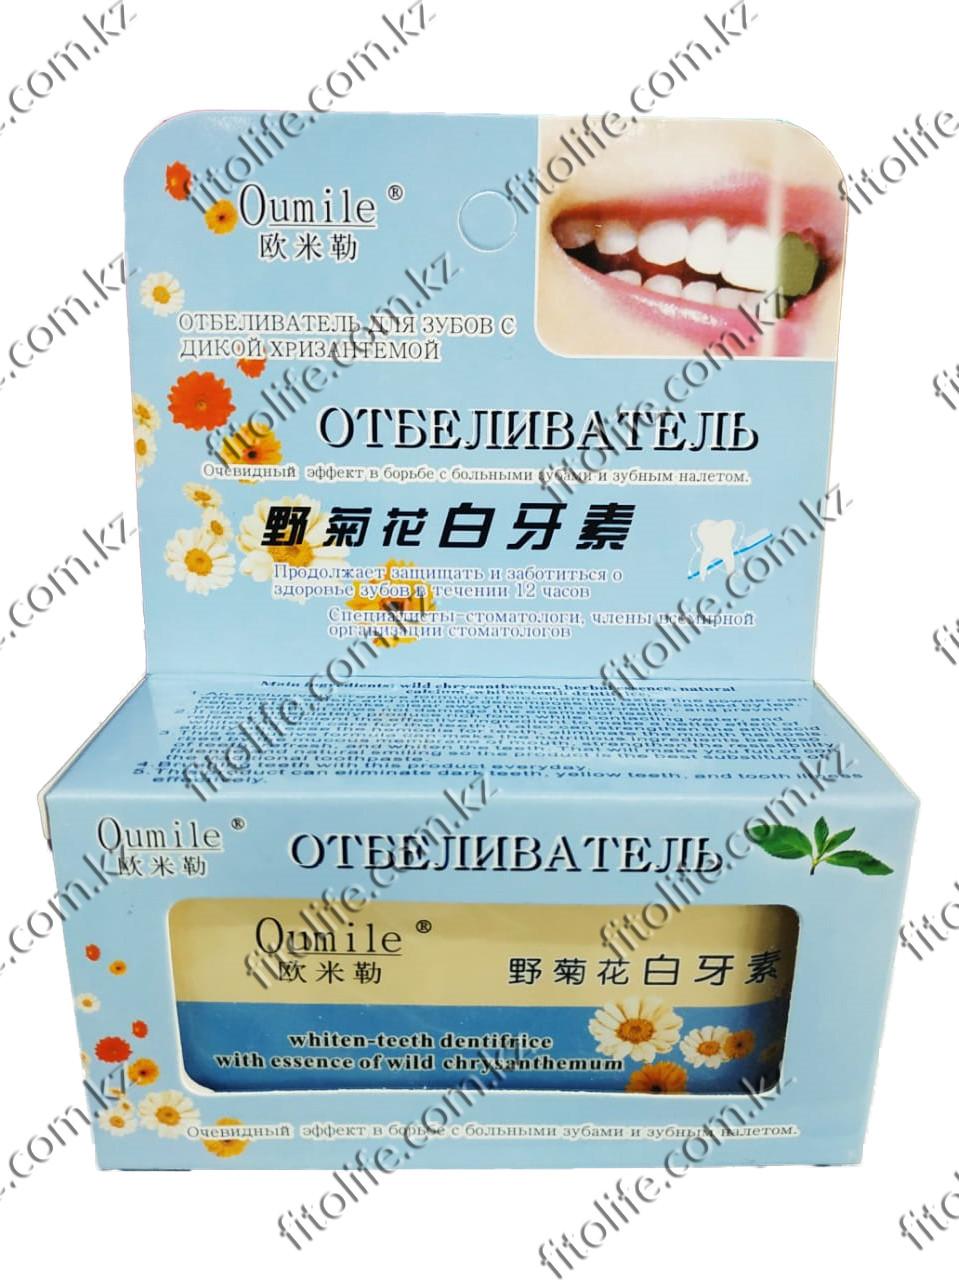 """Отбеливатель для зубов с дикой хризантемой """"Oumile"""""""